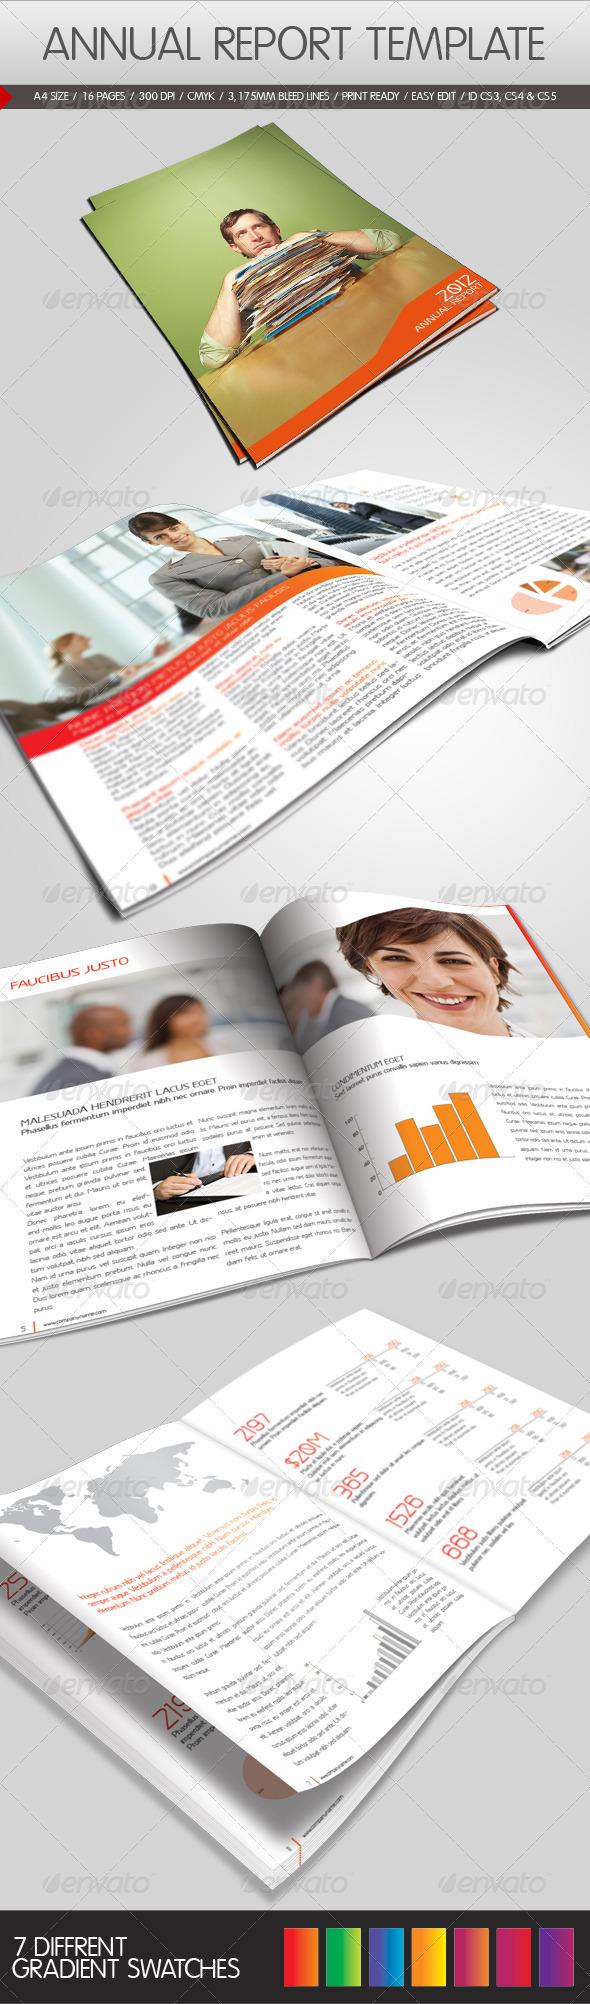 GraphicRiver Annual Report Template 1042982